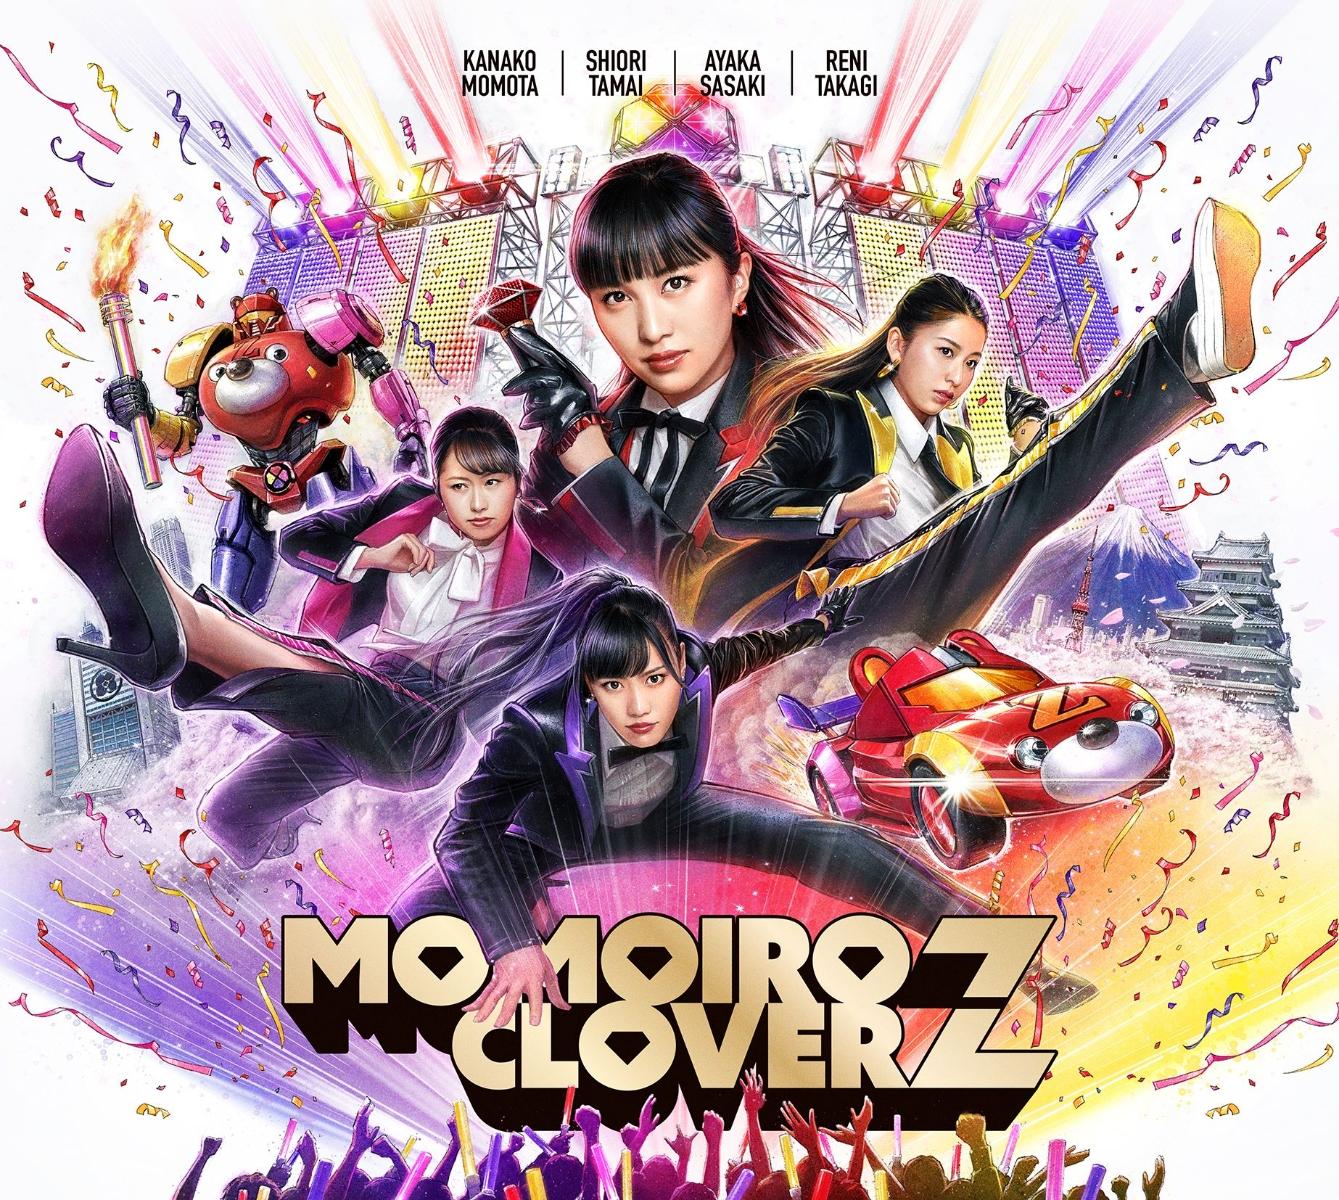 楽天ブックス Momoiro Clover Z 初回限定盤a Cd Blu Ray